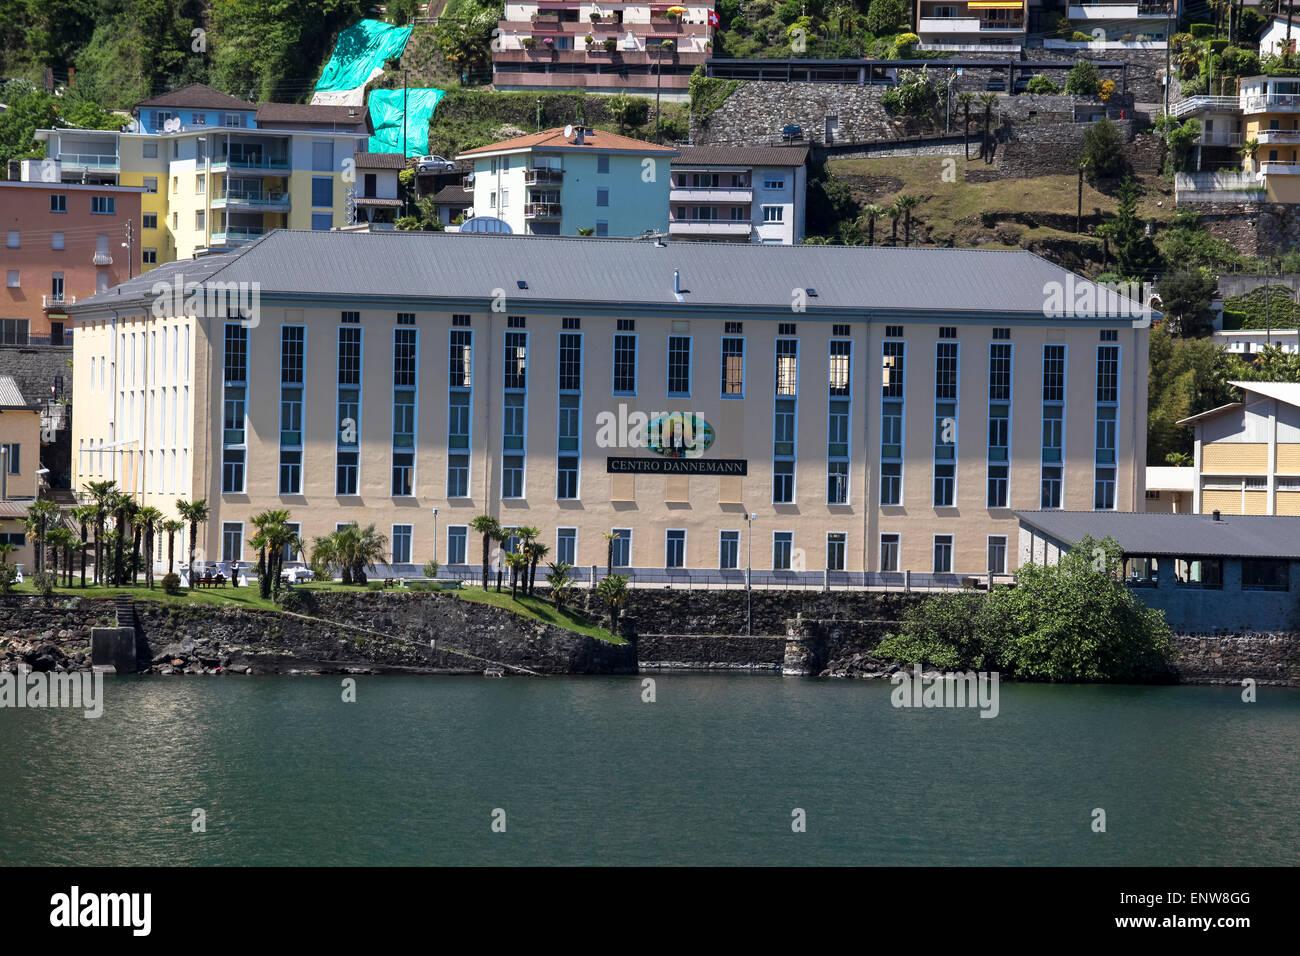 Dannemann Center in Brissago - Stock Image